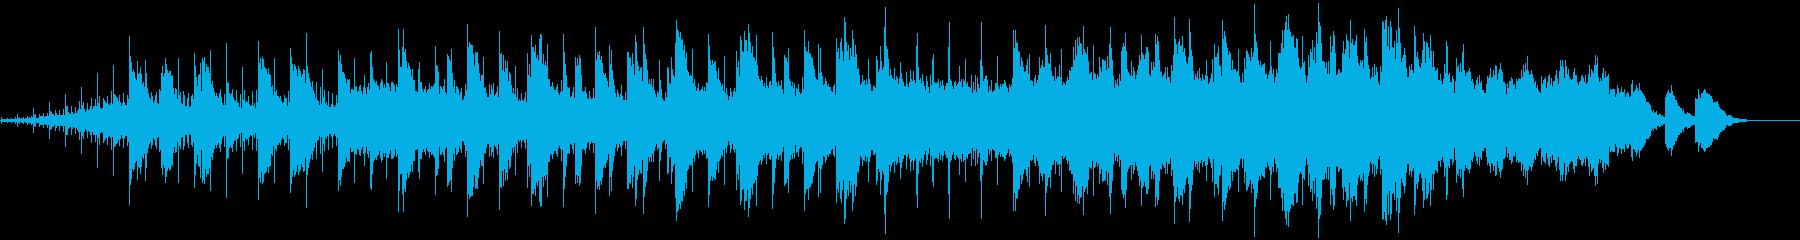 動画 サスペンス 説明的 希望的 ...の再生済みの波形